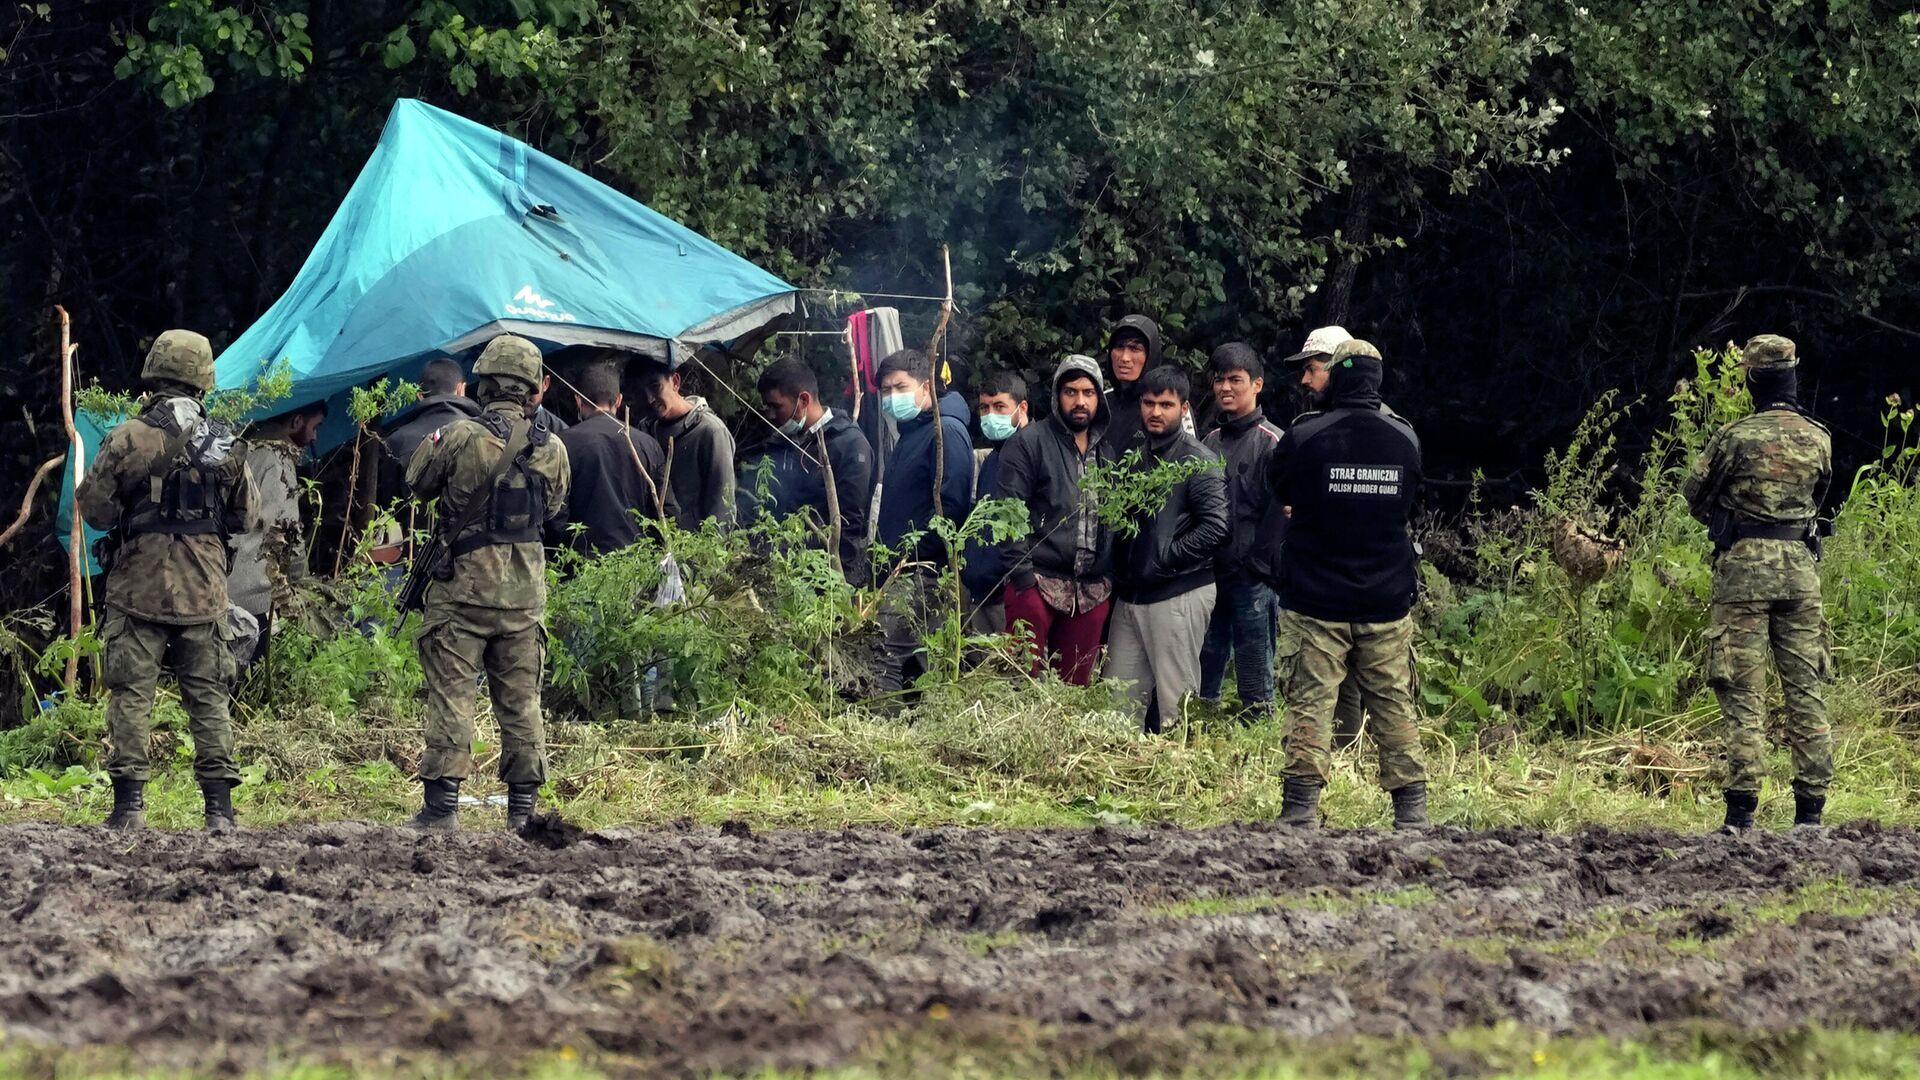 Illegale Migranten an der polnisch-weißrussischen Grenze. 1. September 2021 - SNA, 1920, 06.09.2021